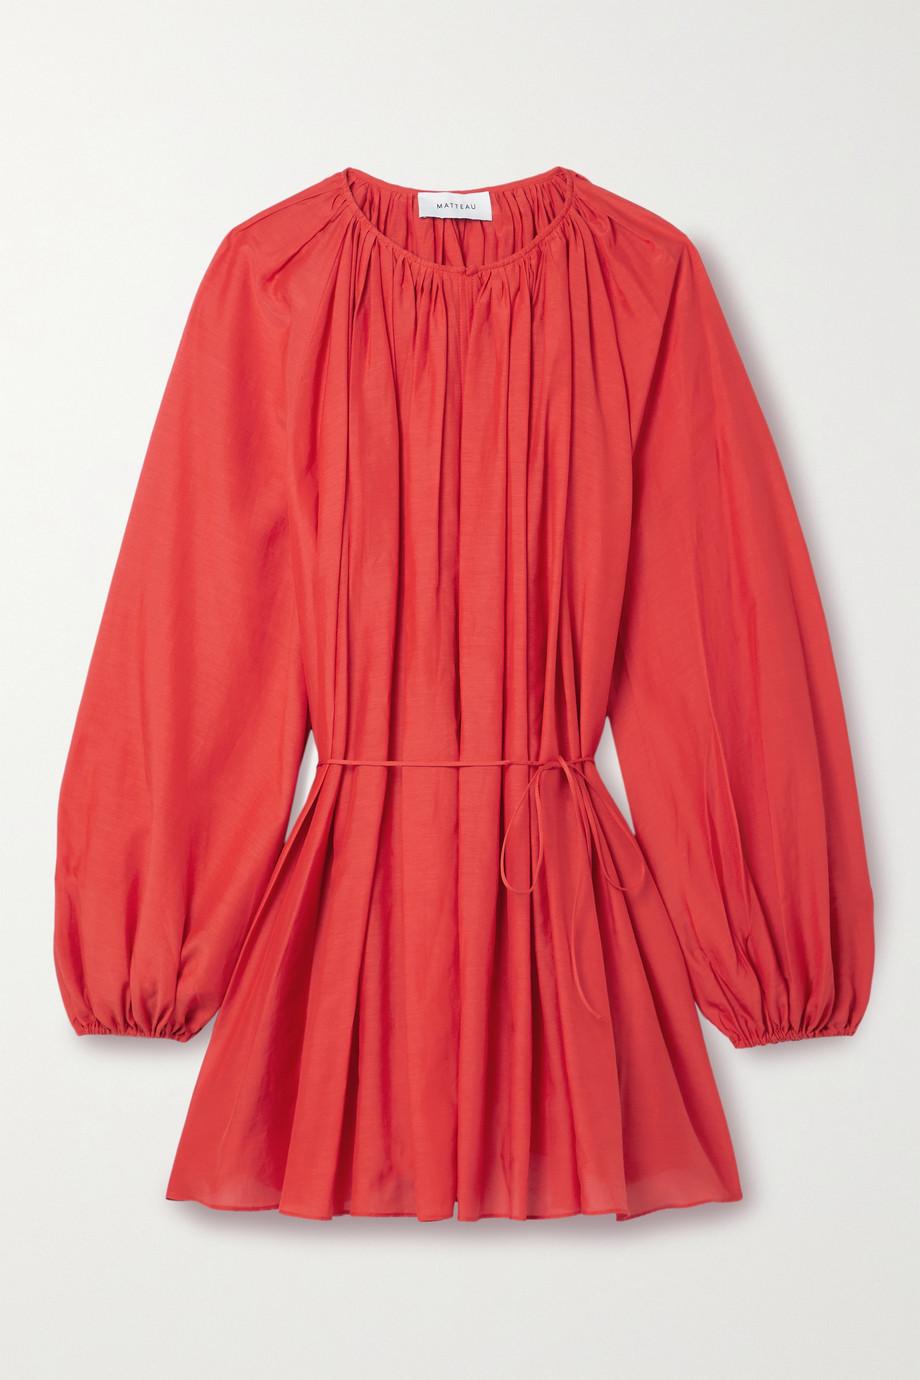 Matteau + NET SUSTAIN gathered organic cotton and silk-blend mini dress